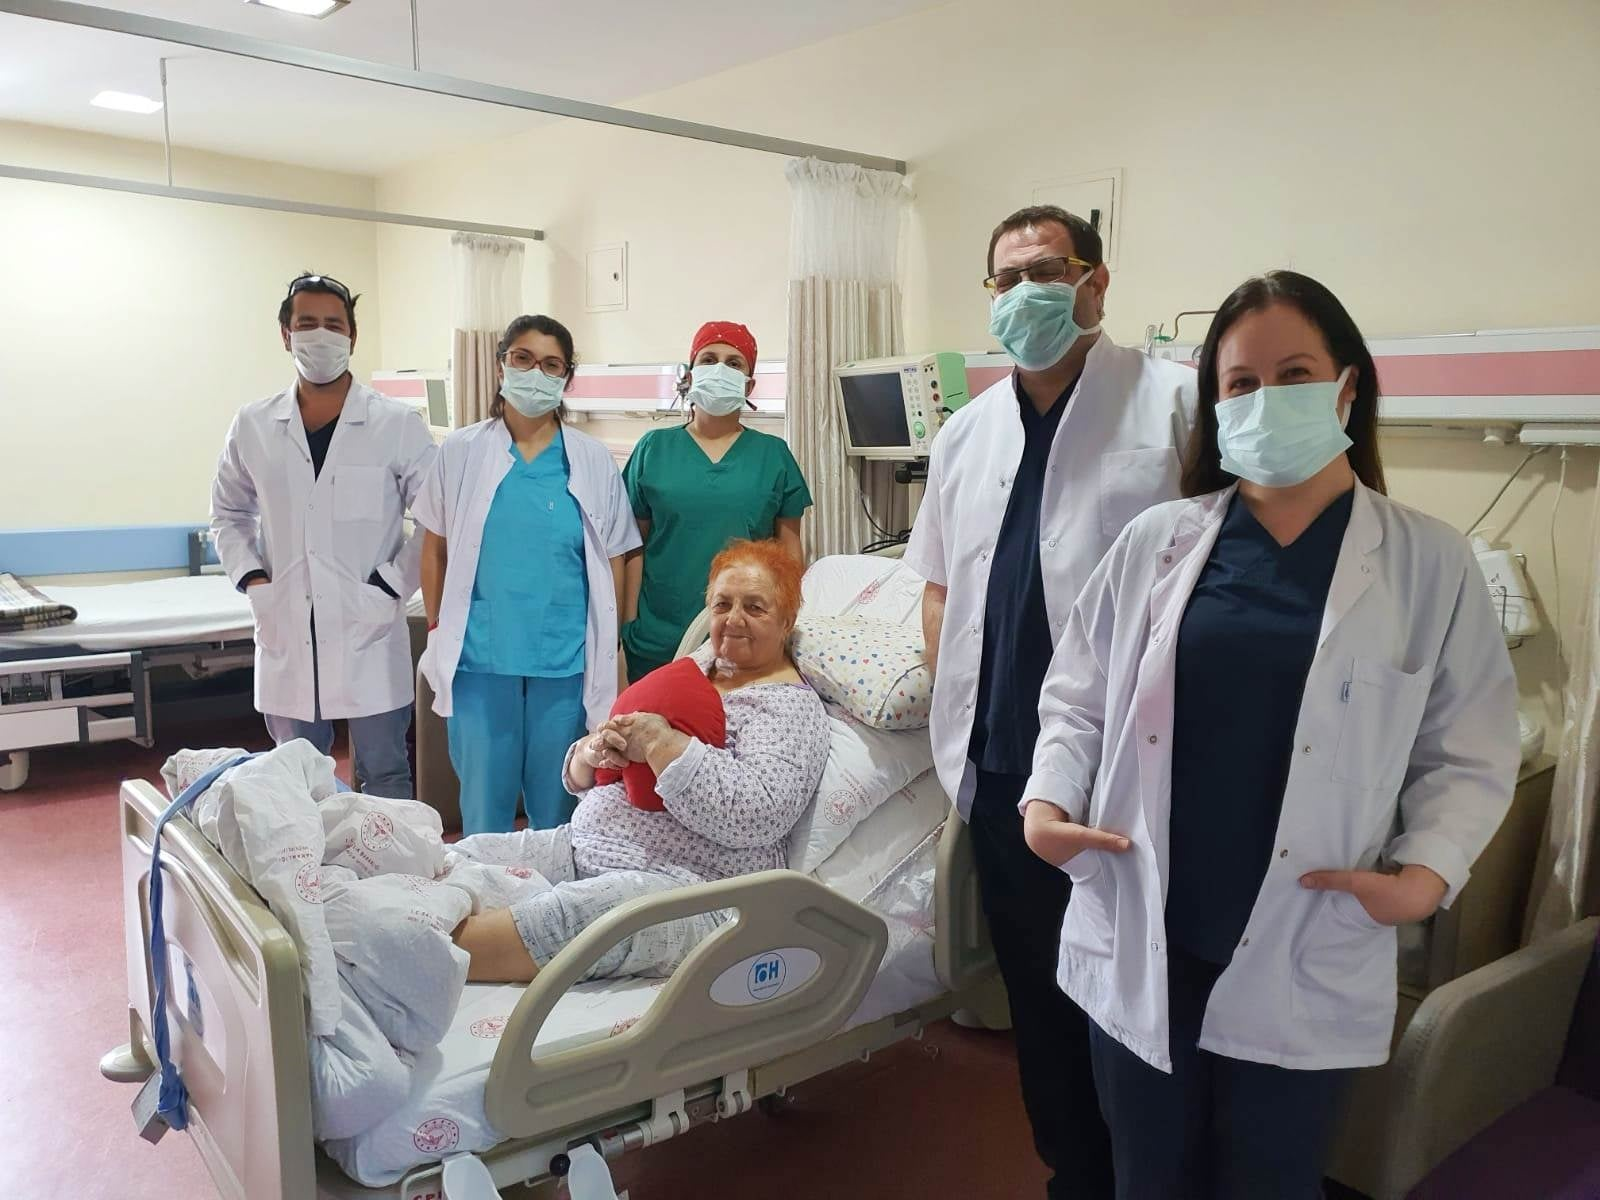 Ordu Devlet Hastanesinde Başarılı Bir Operasyon DahaAort Damarı